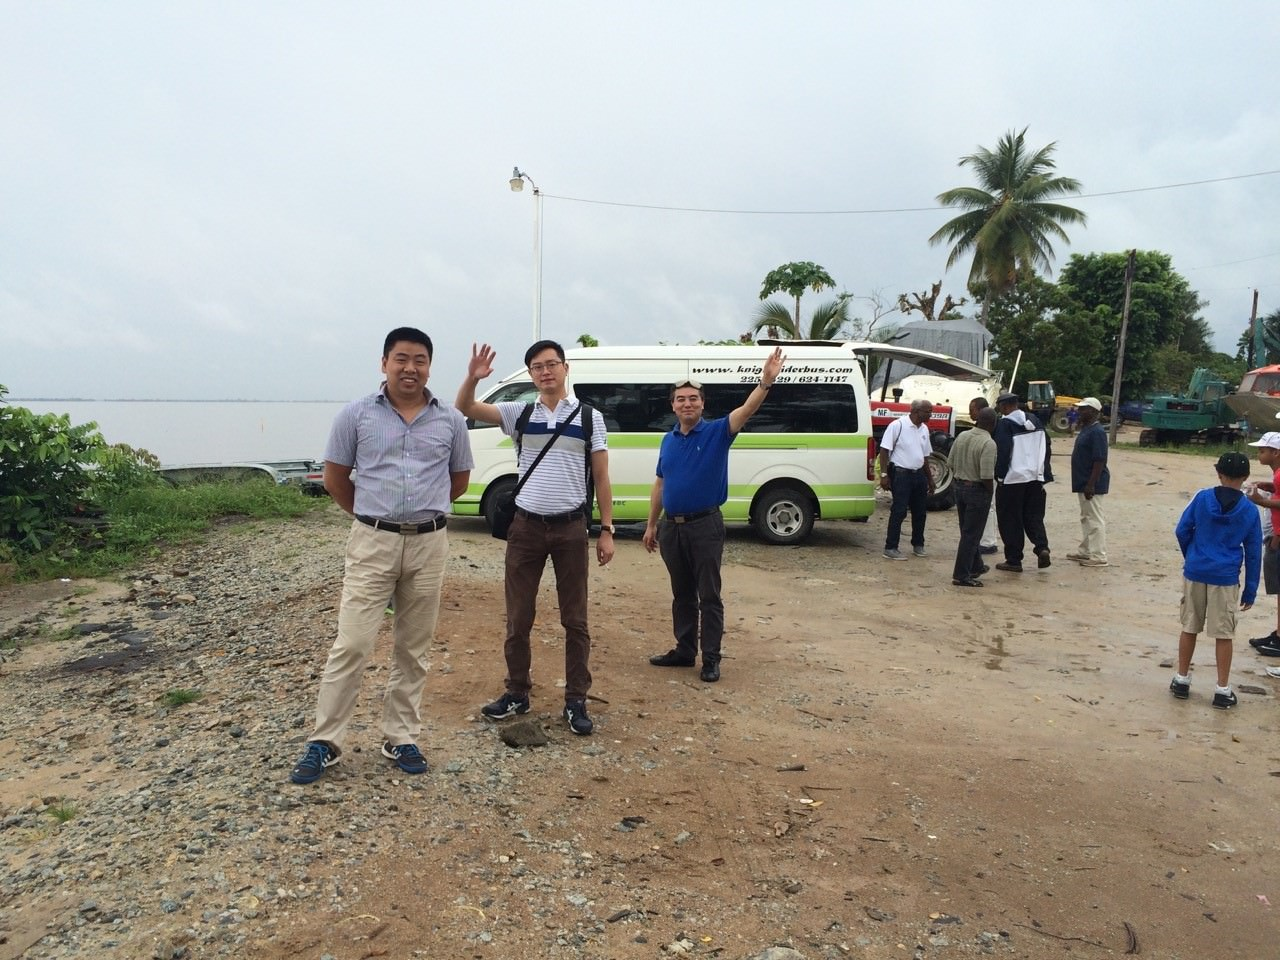 Jinling, TCI & Henleyin Parika, Guyana